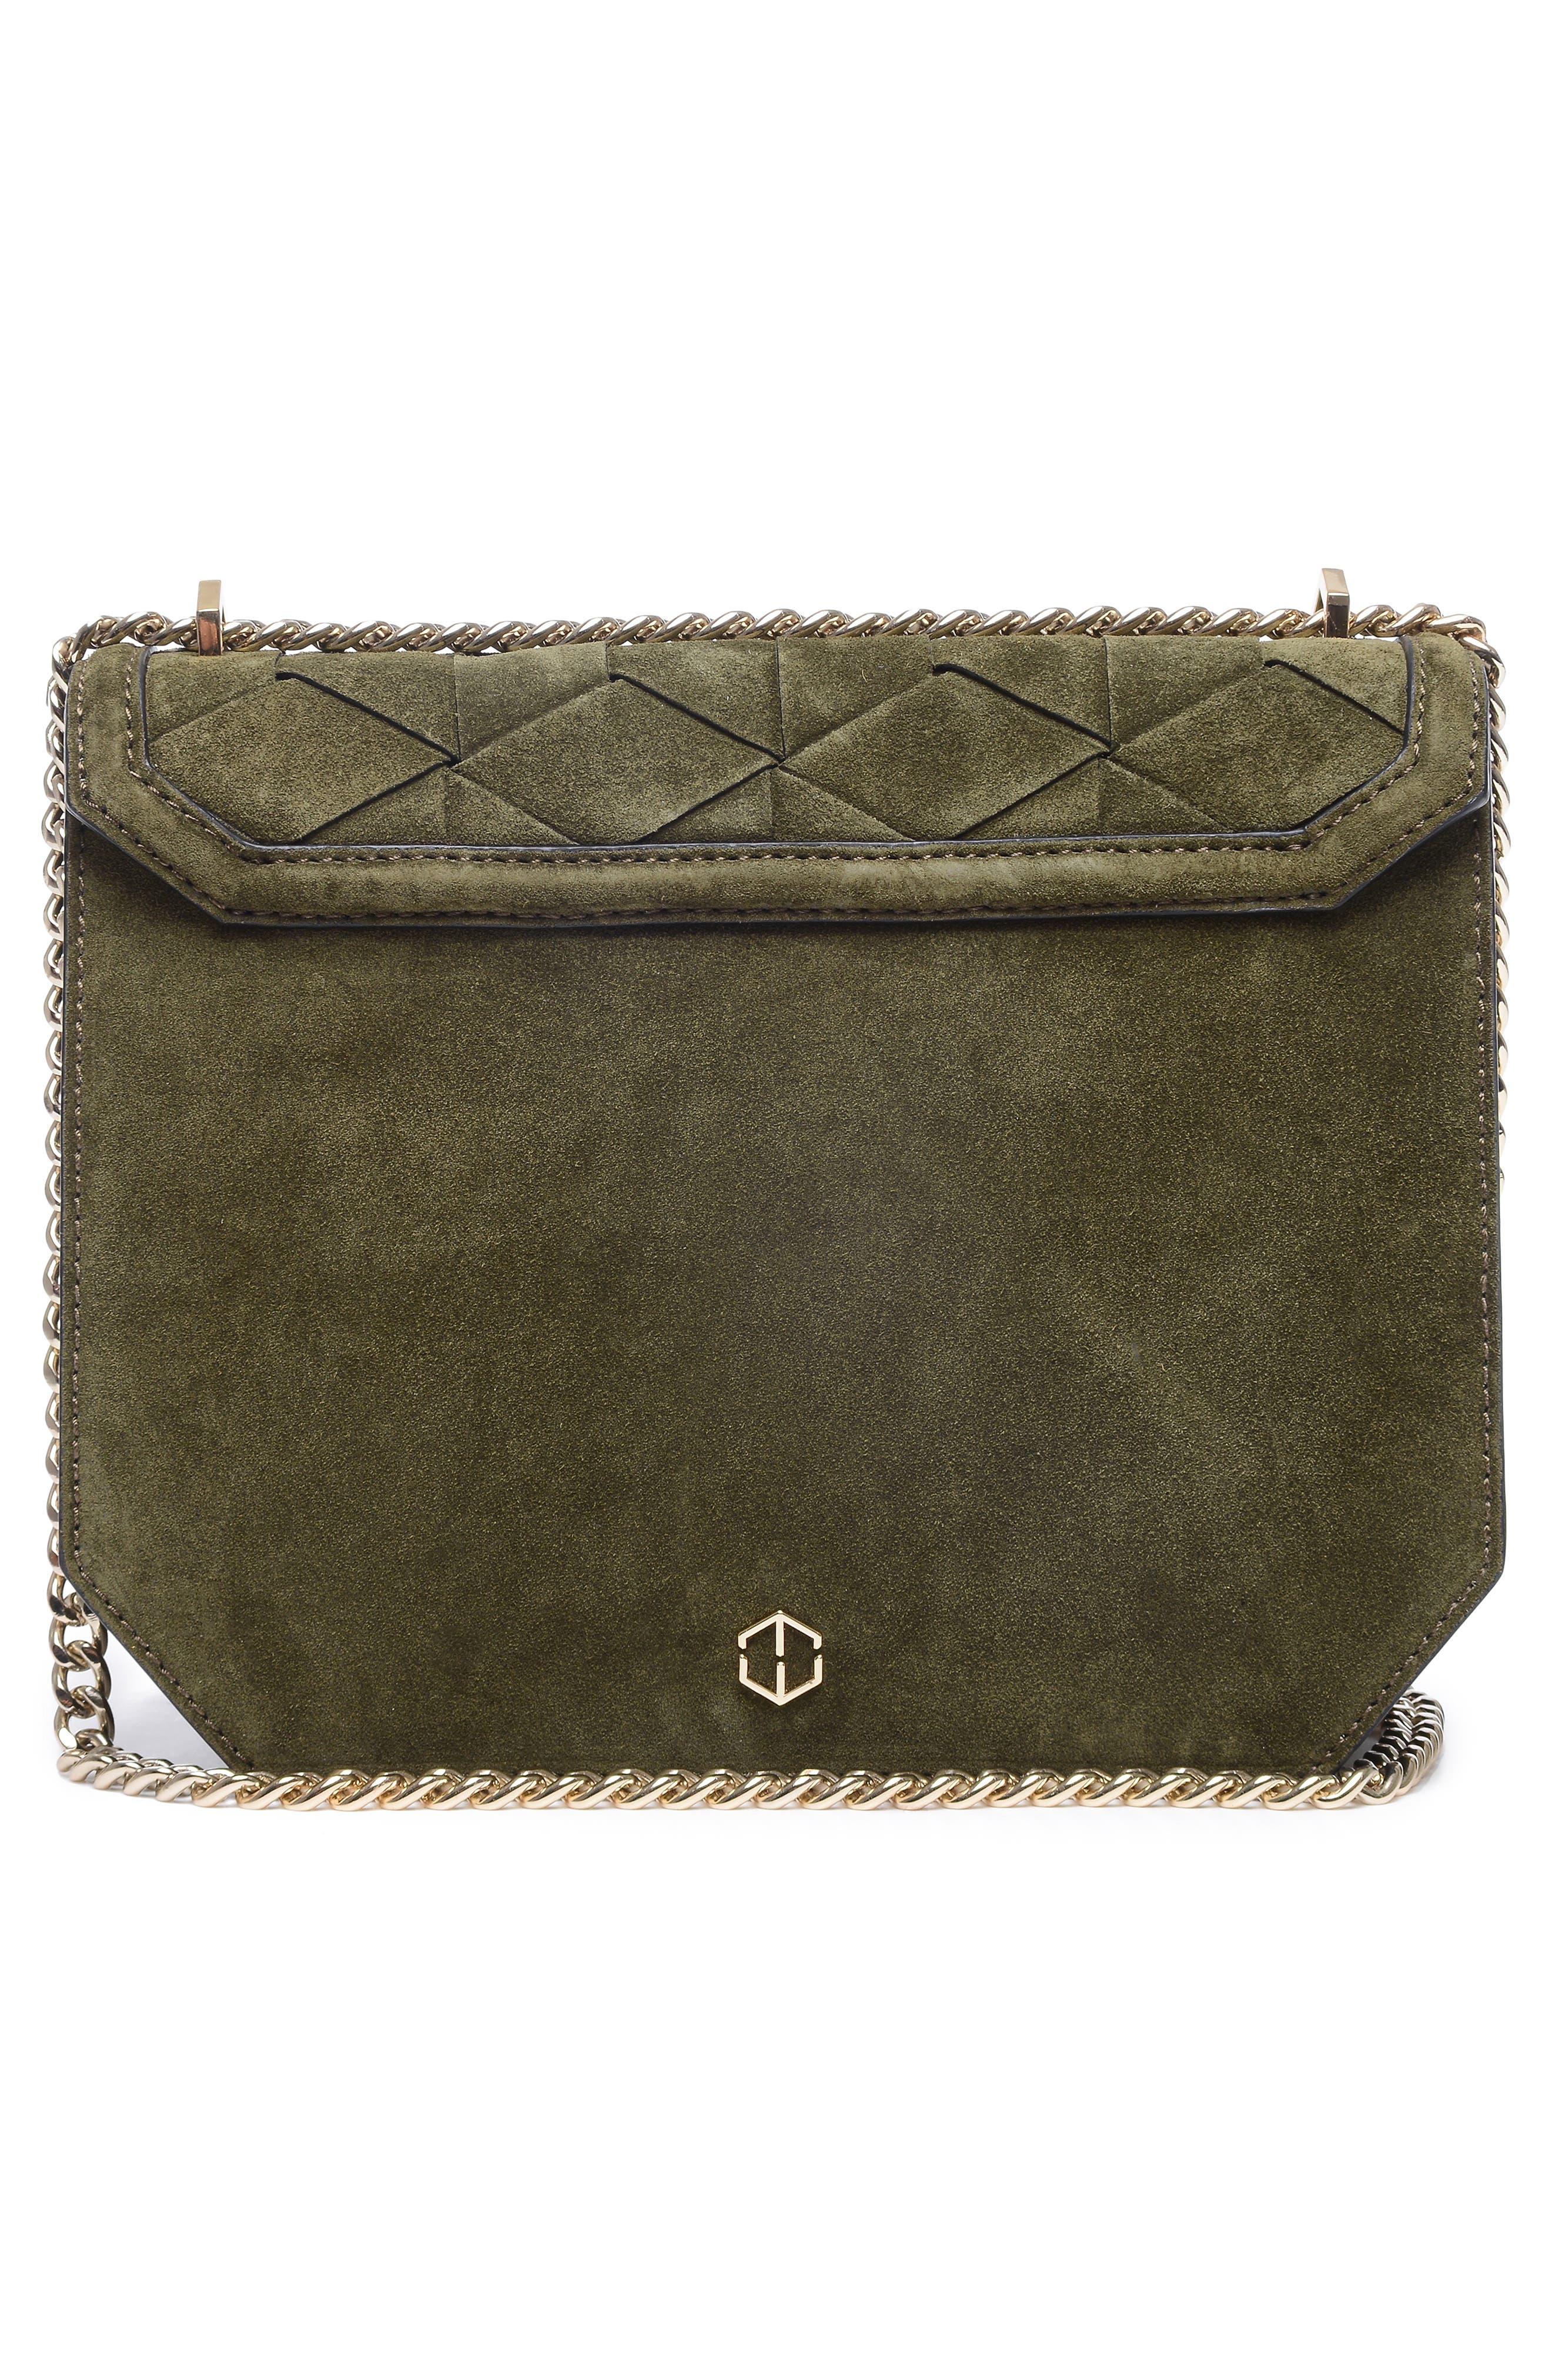 Supine Suede Shoulder Bag,                             Alternate thumbnail 3, color,                             300